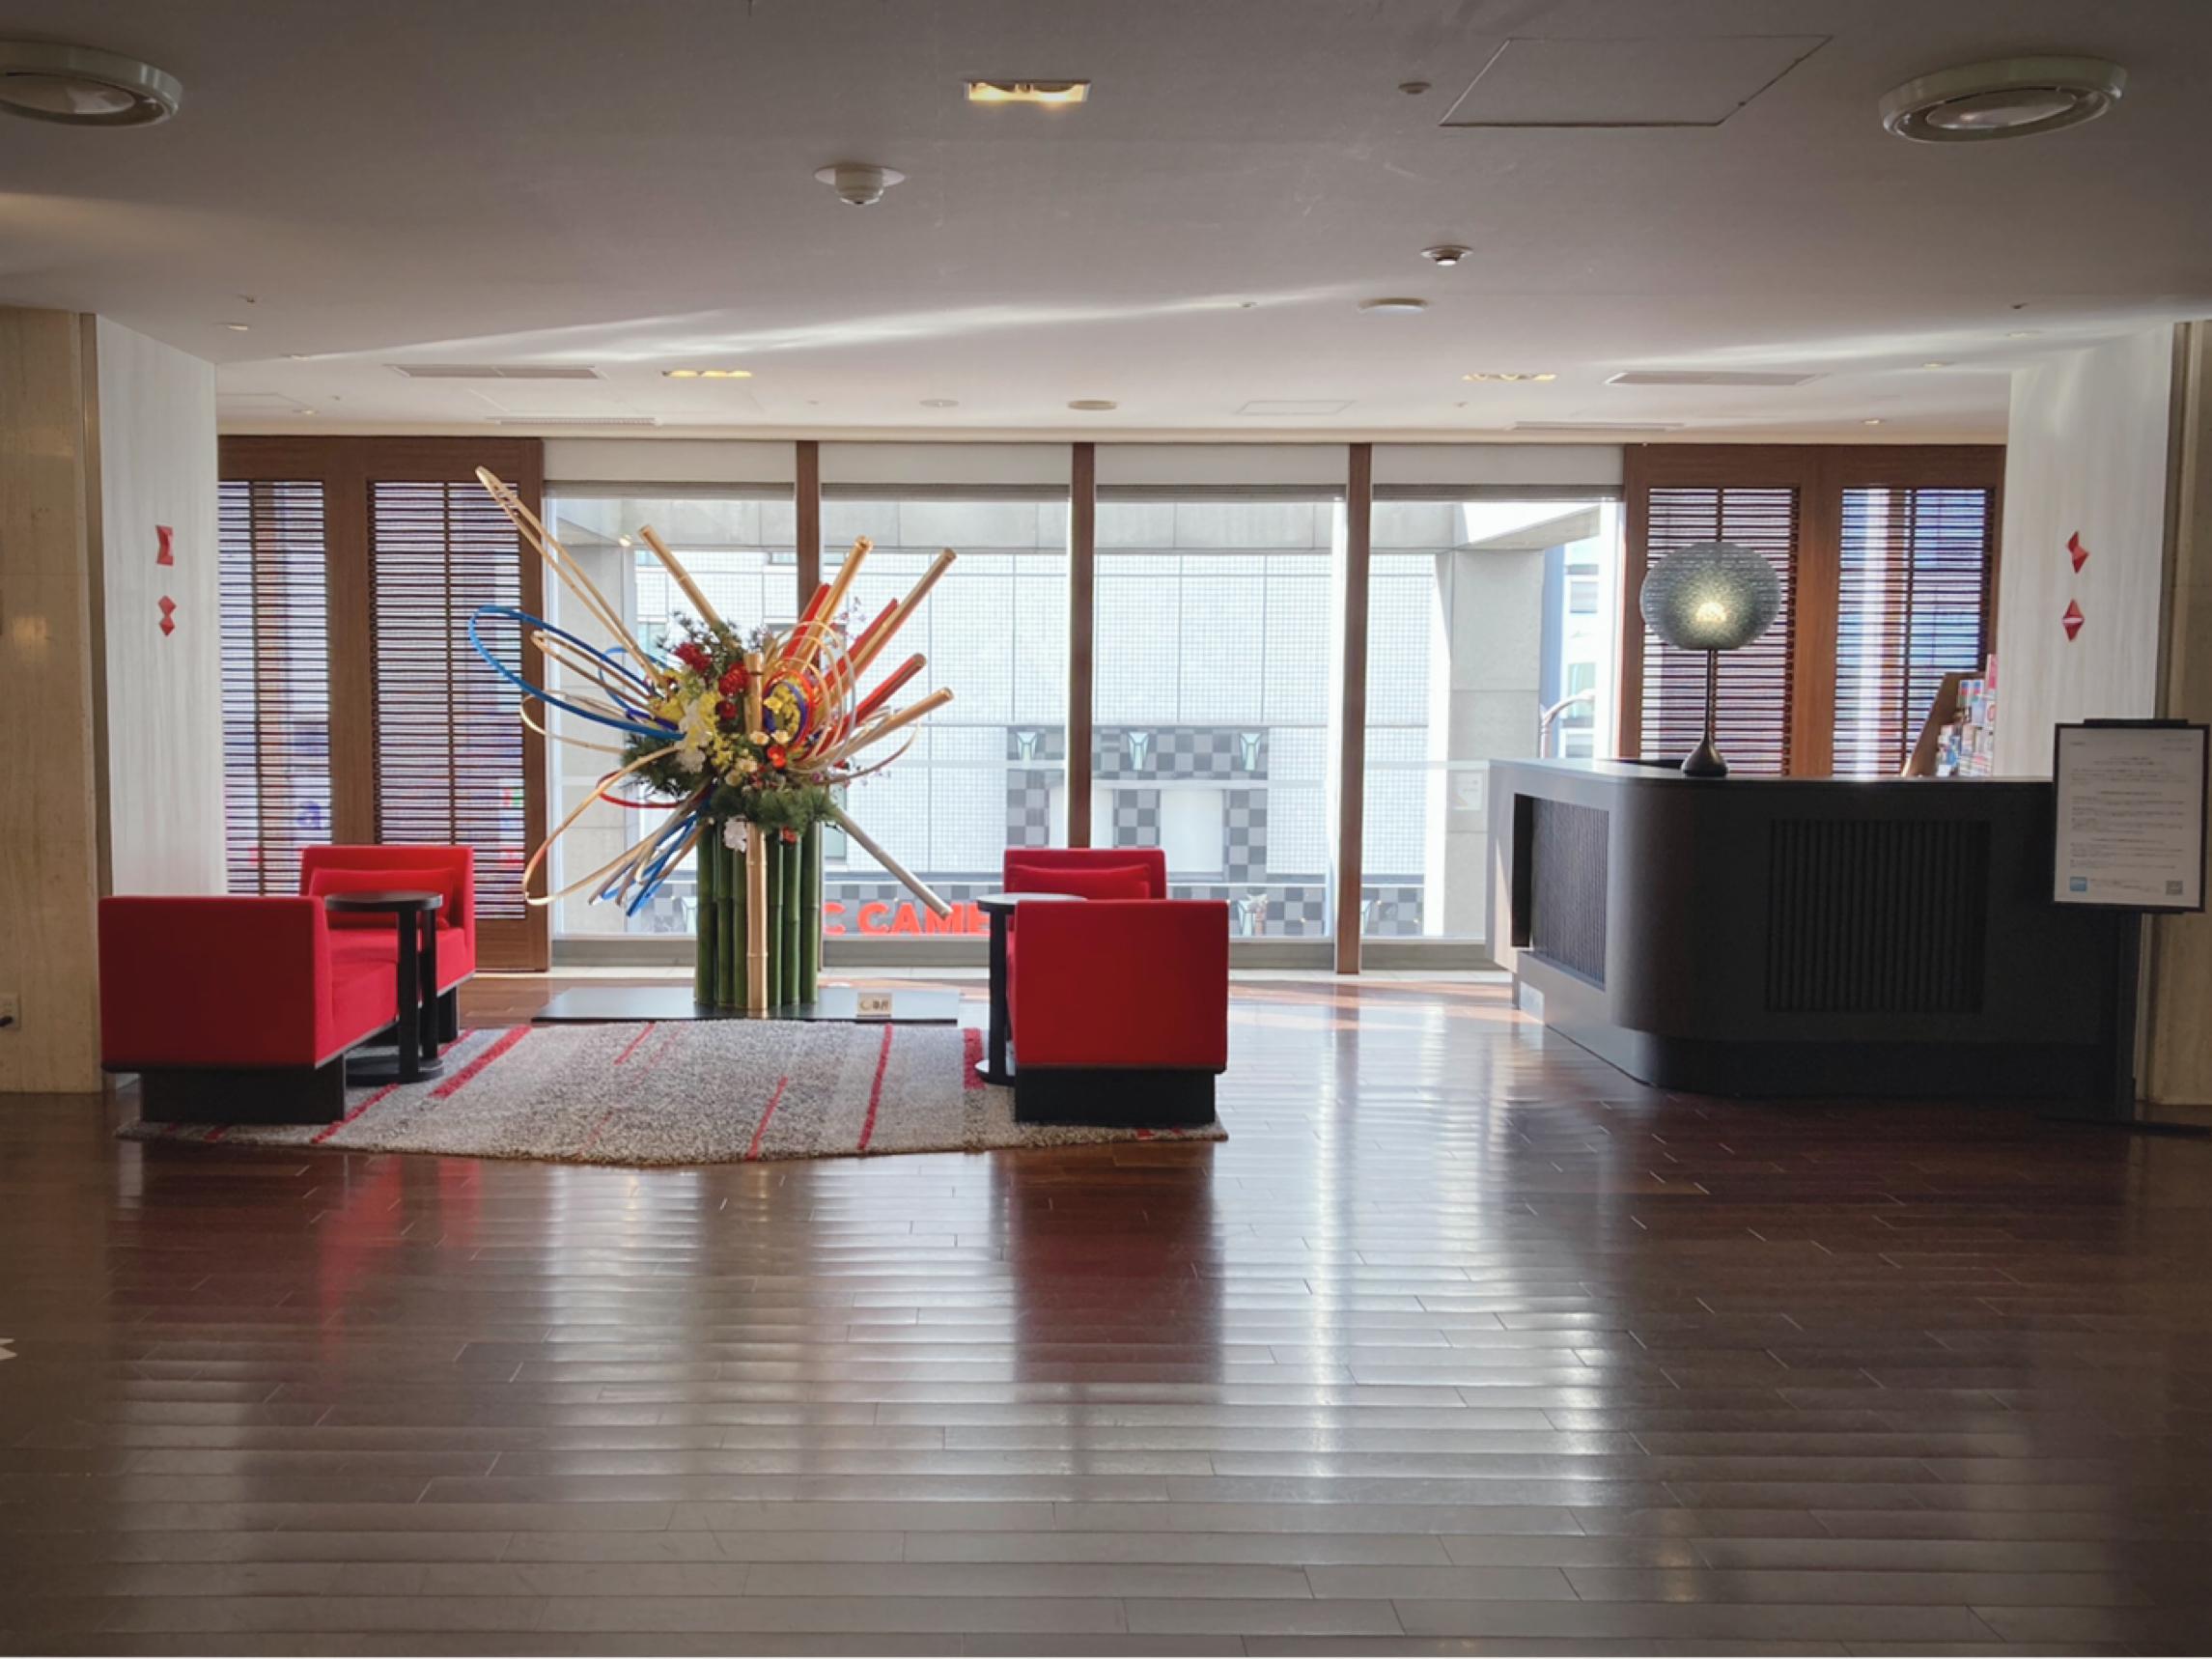 都内 デイユース ホテル デイユースで使える東京の高級ホテルおすすめ7選!憧れのジュニアスイートに滞在できるプランも!